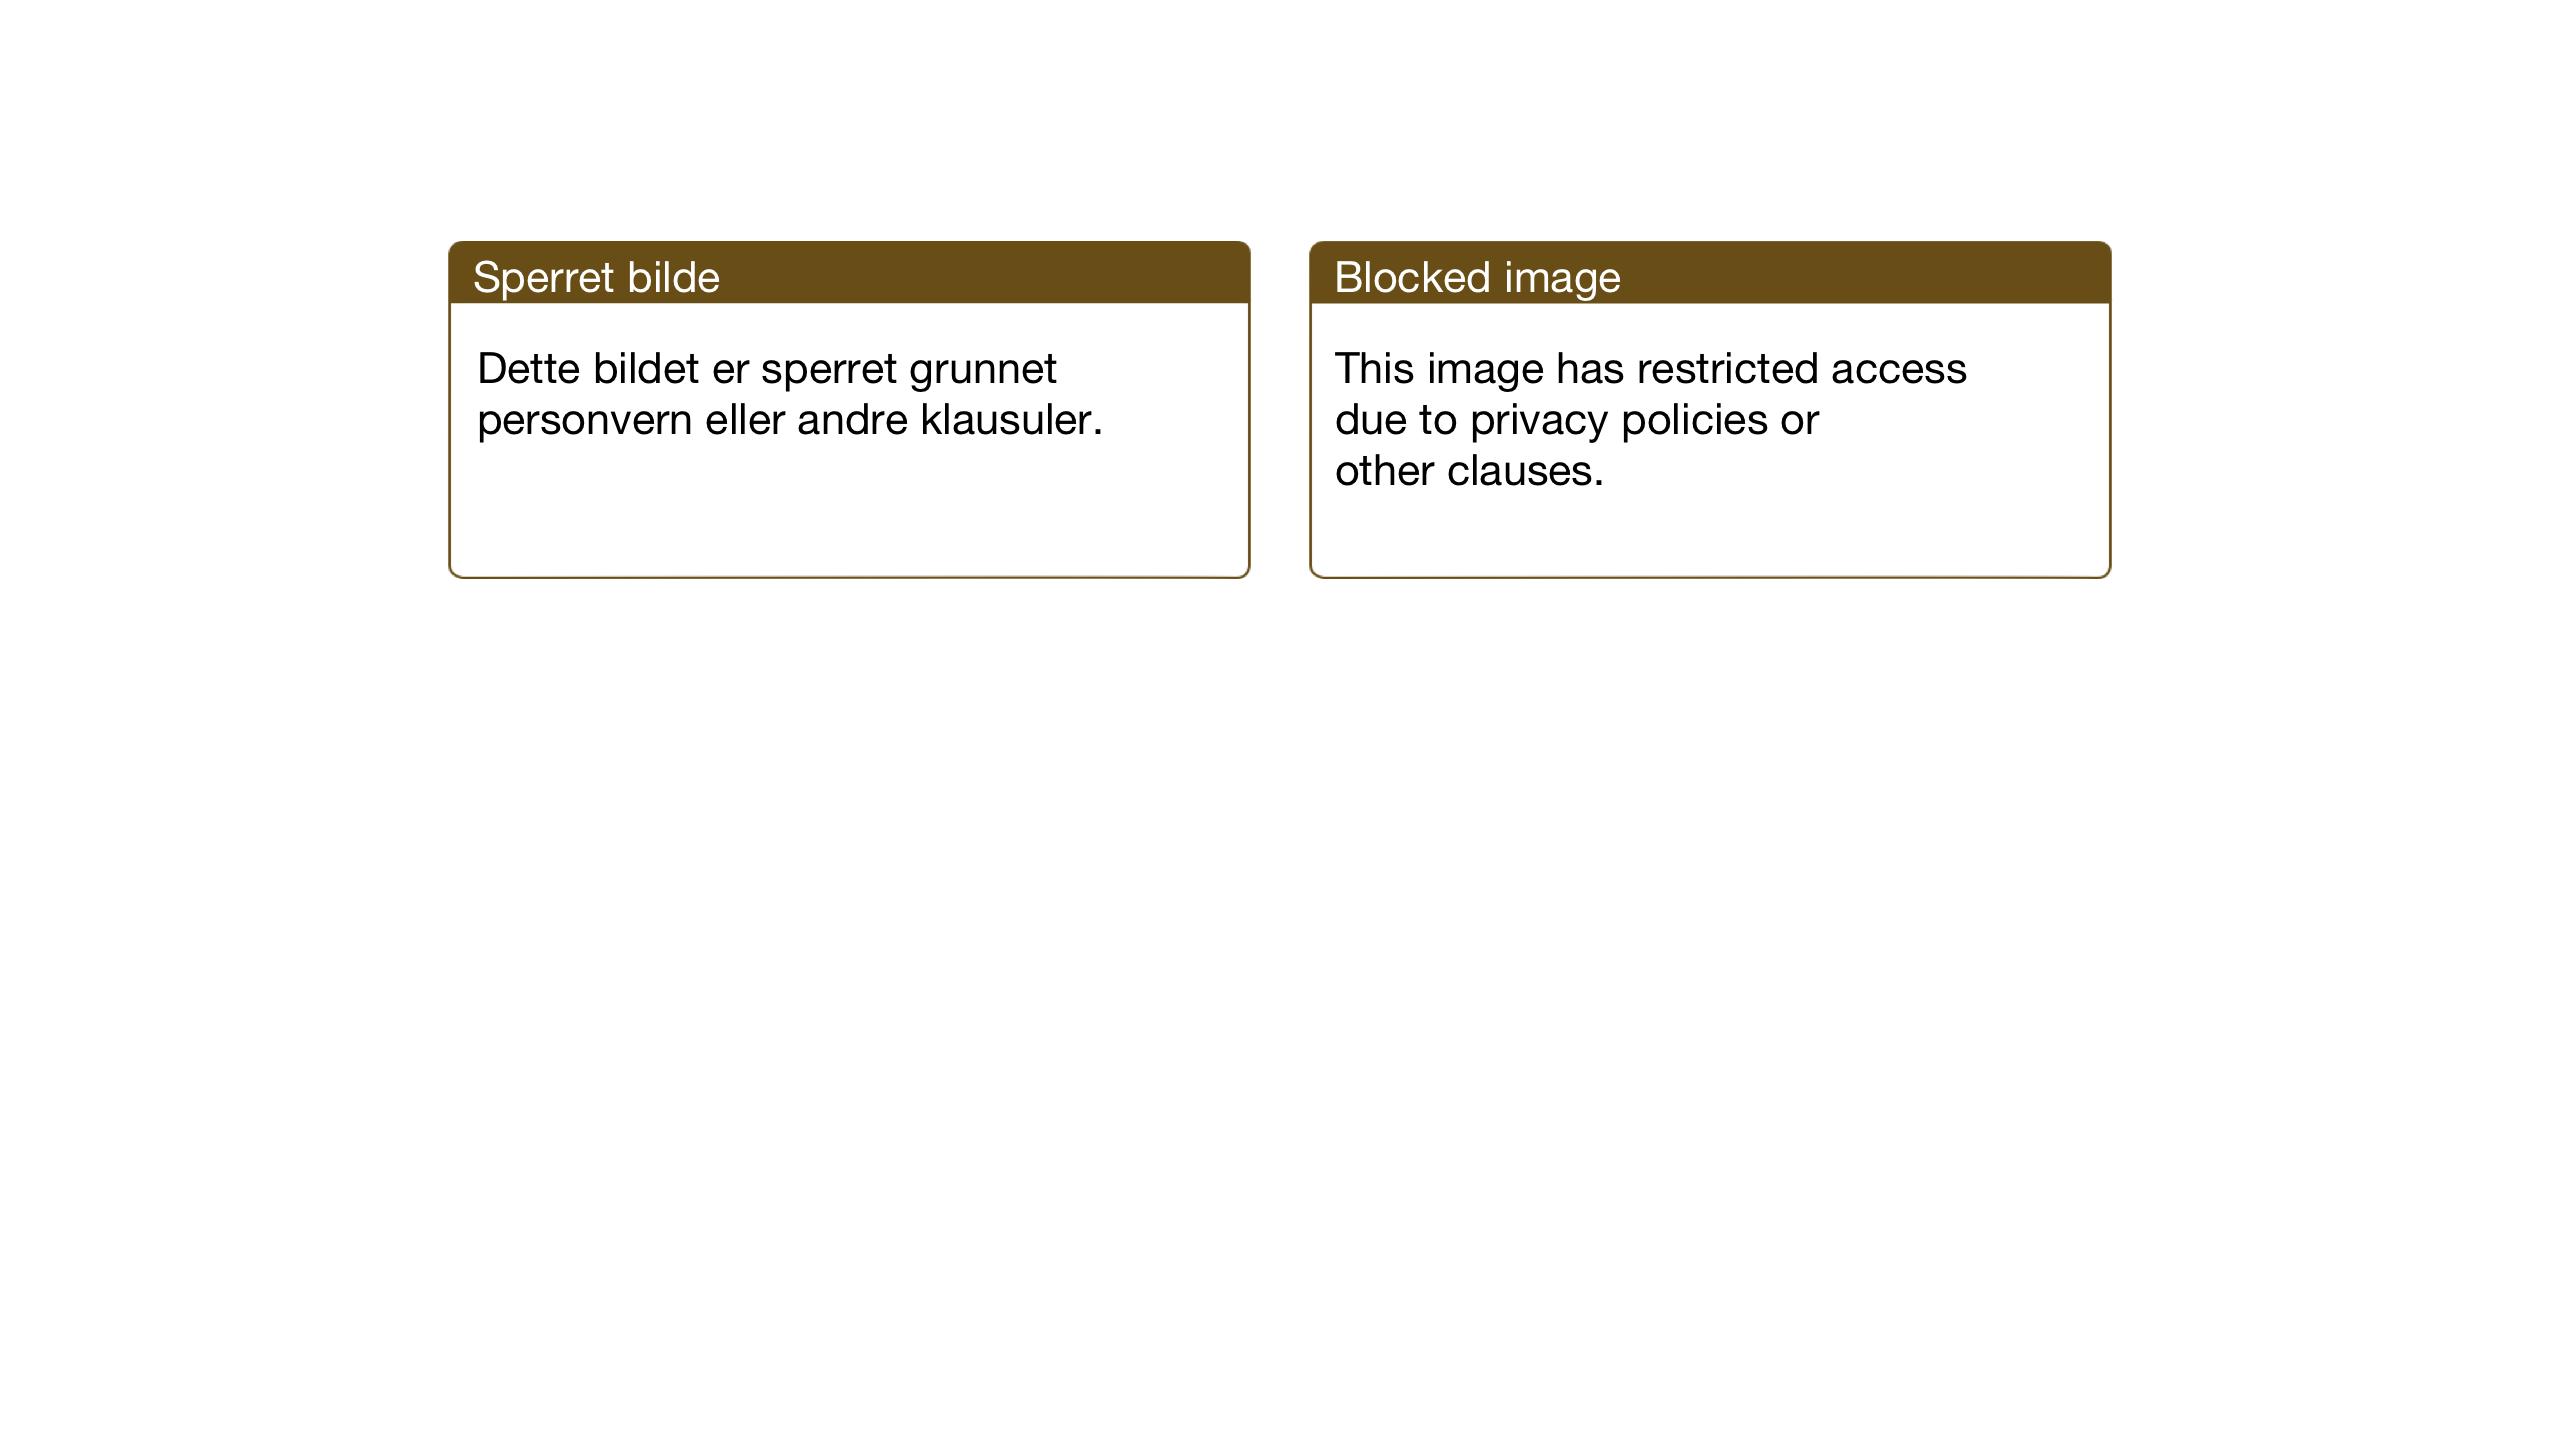 SAT, Ministerialprotokoller, klokkerbøker og fødselsregistre - Sør-Trøndelag, 682/L0947: Klokkerbok nr. 682C01, 1926-1968, s. 21